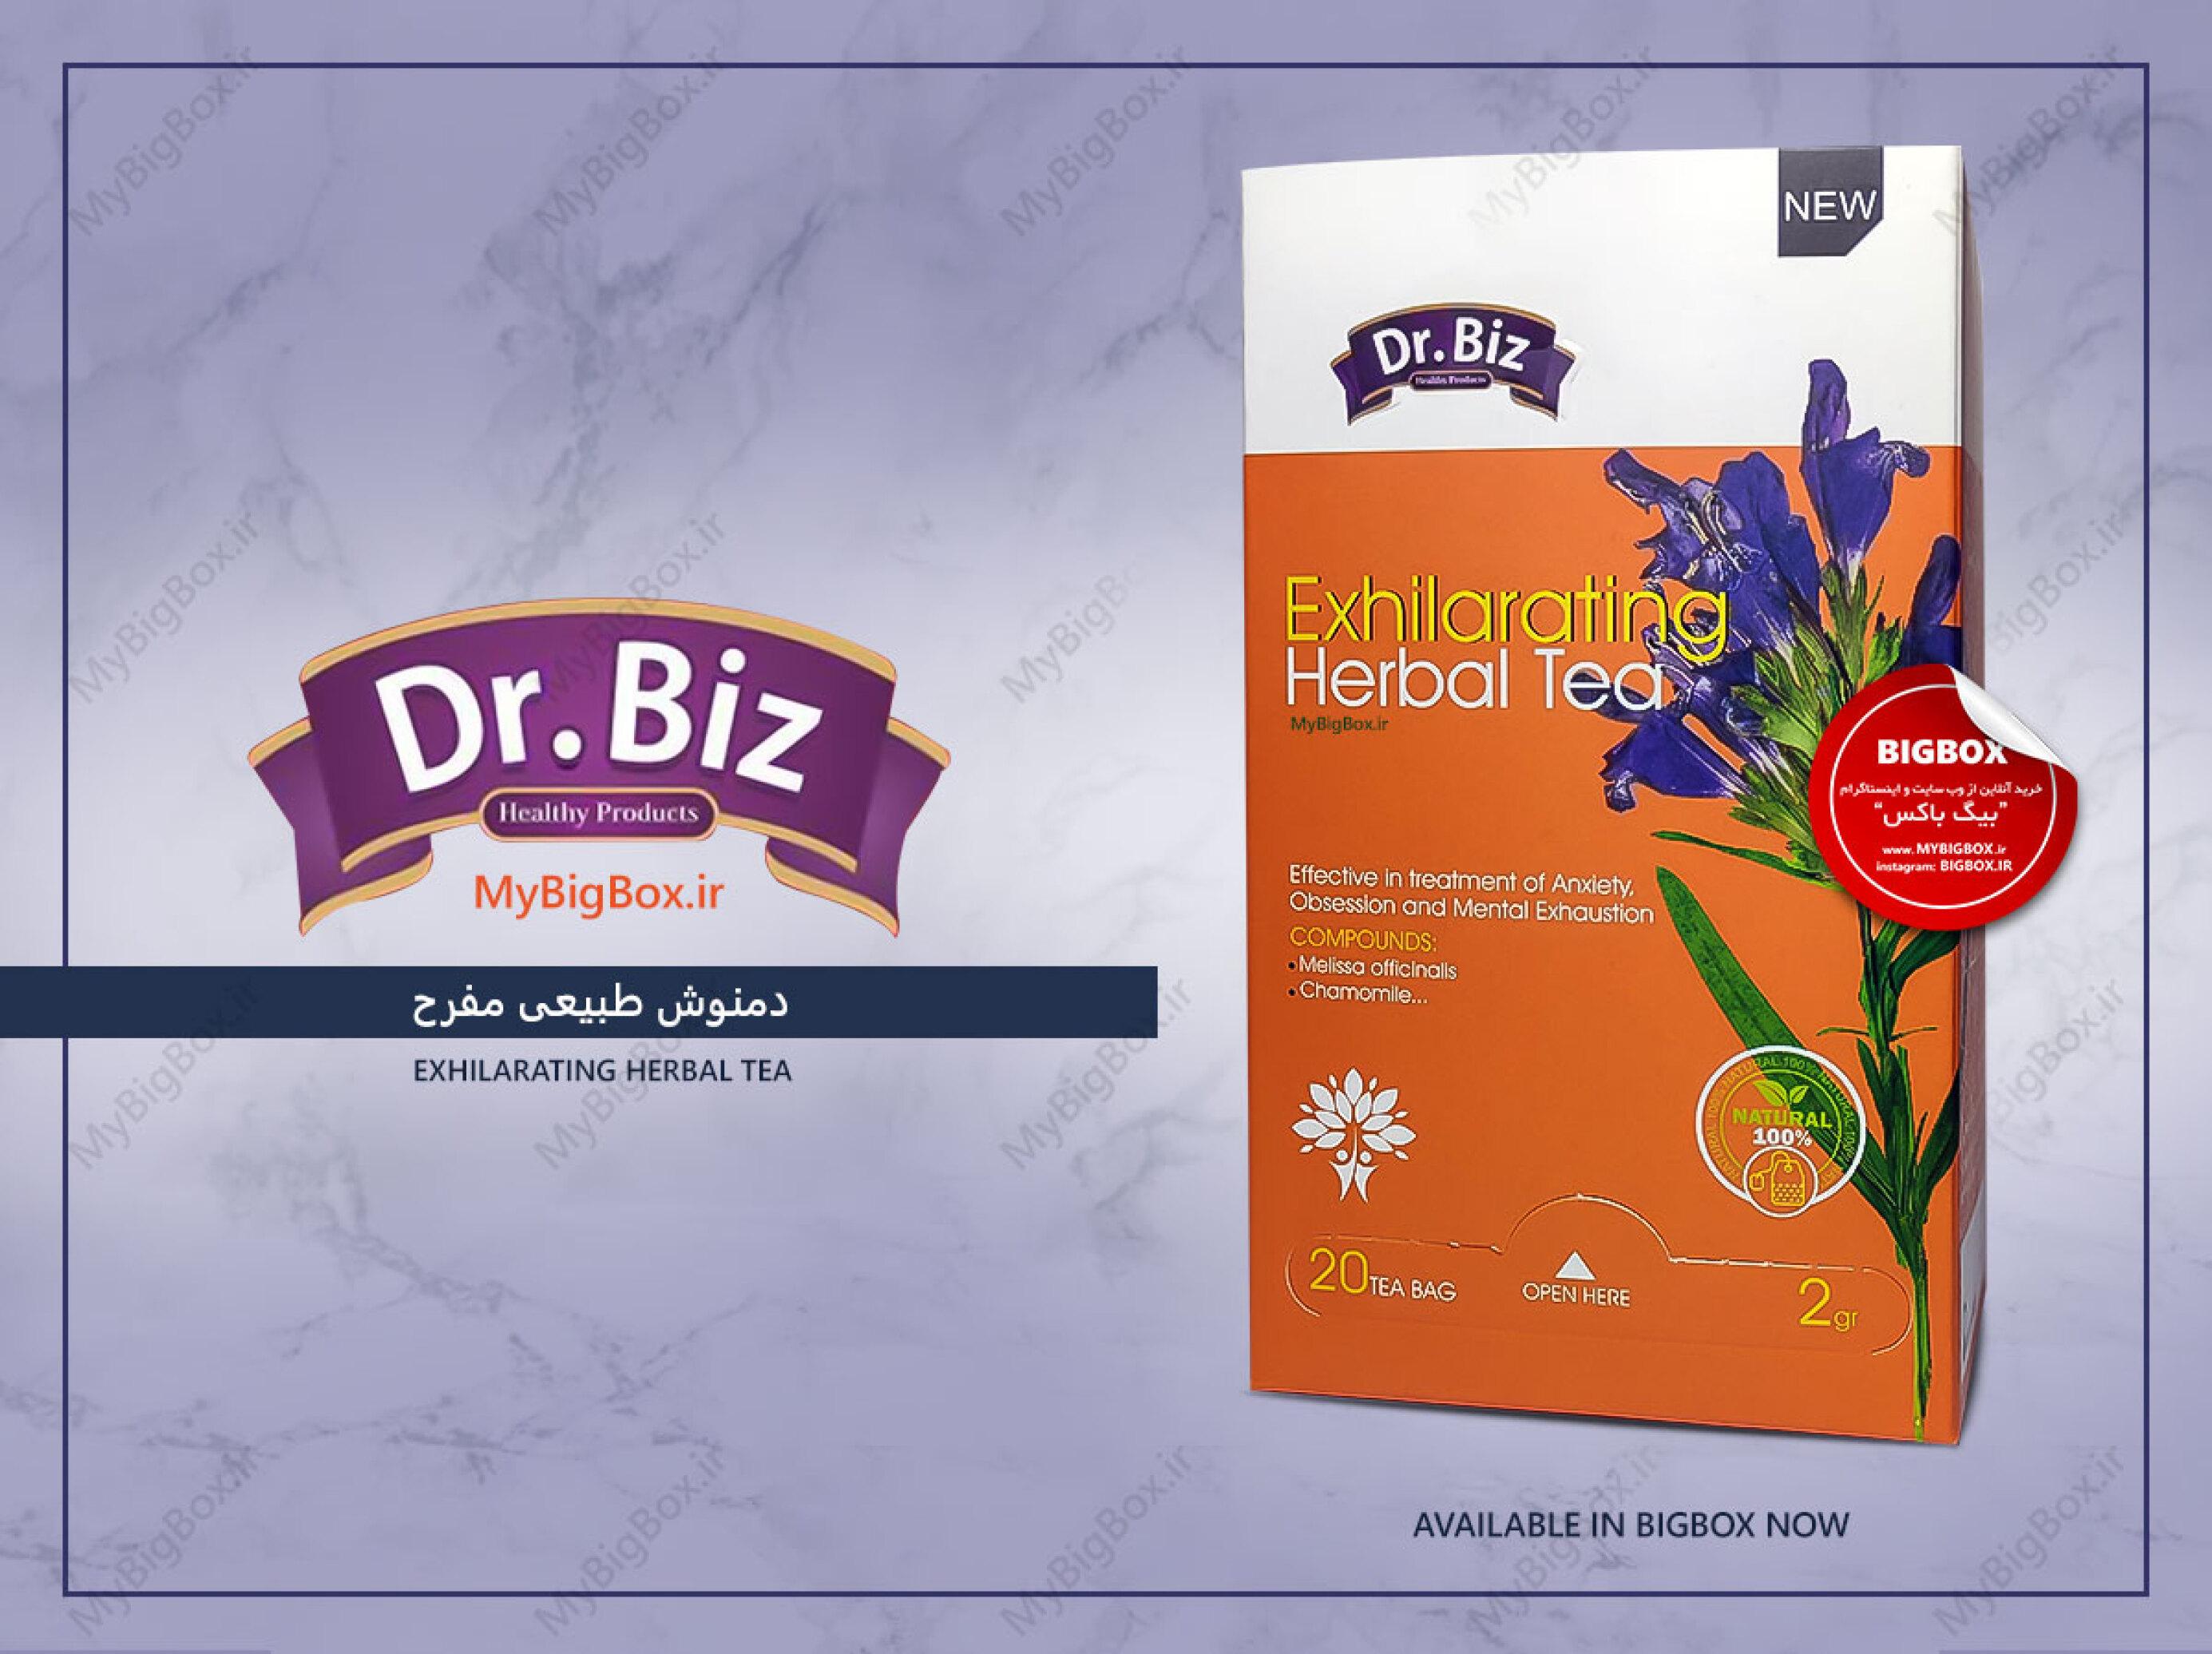 دمنوش طبیعی دکتر بیز مدل مفرح - بسته 20 عددی Dr.Biz Exhilarating Herbal Tea